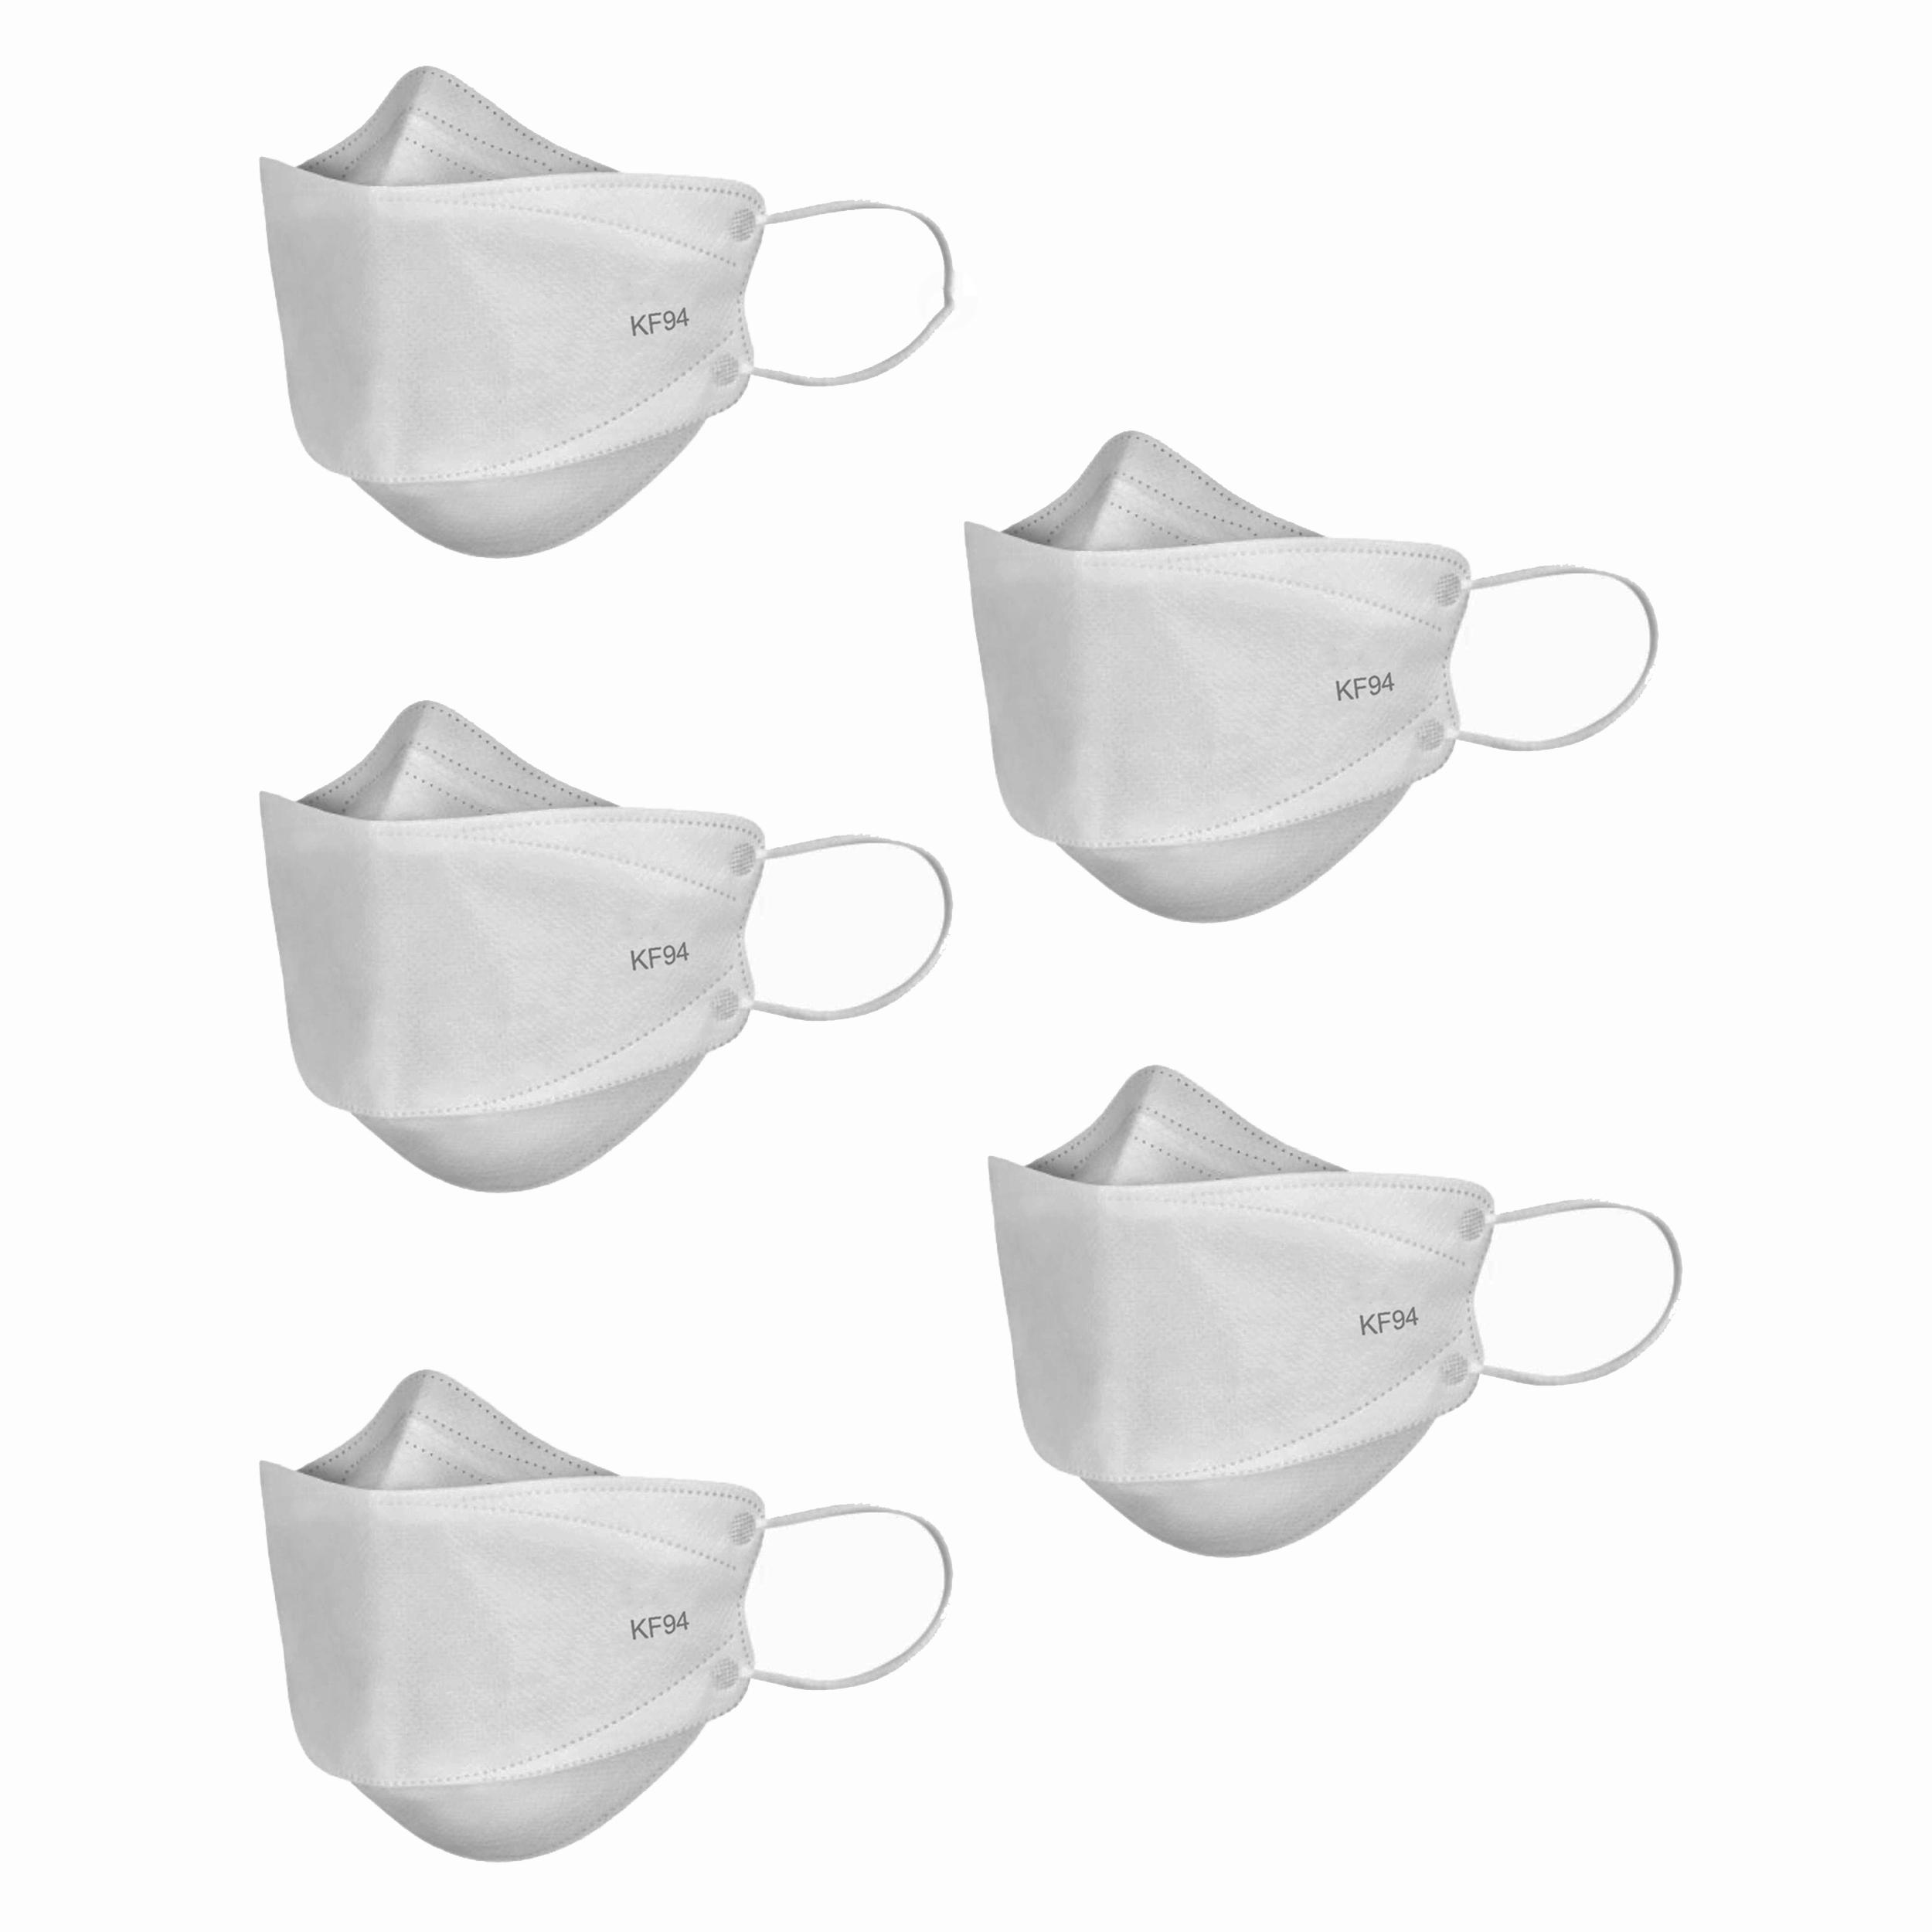 ماسک تنفسی اس اچ ام کد LY4-0068-TO بسته 5 عددی